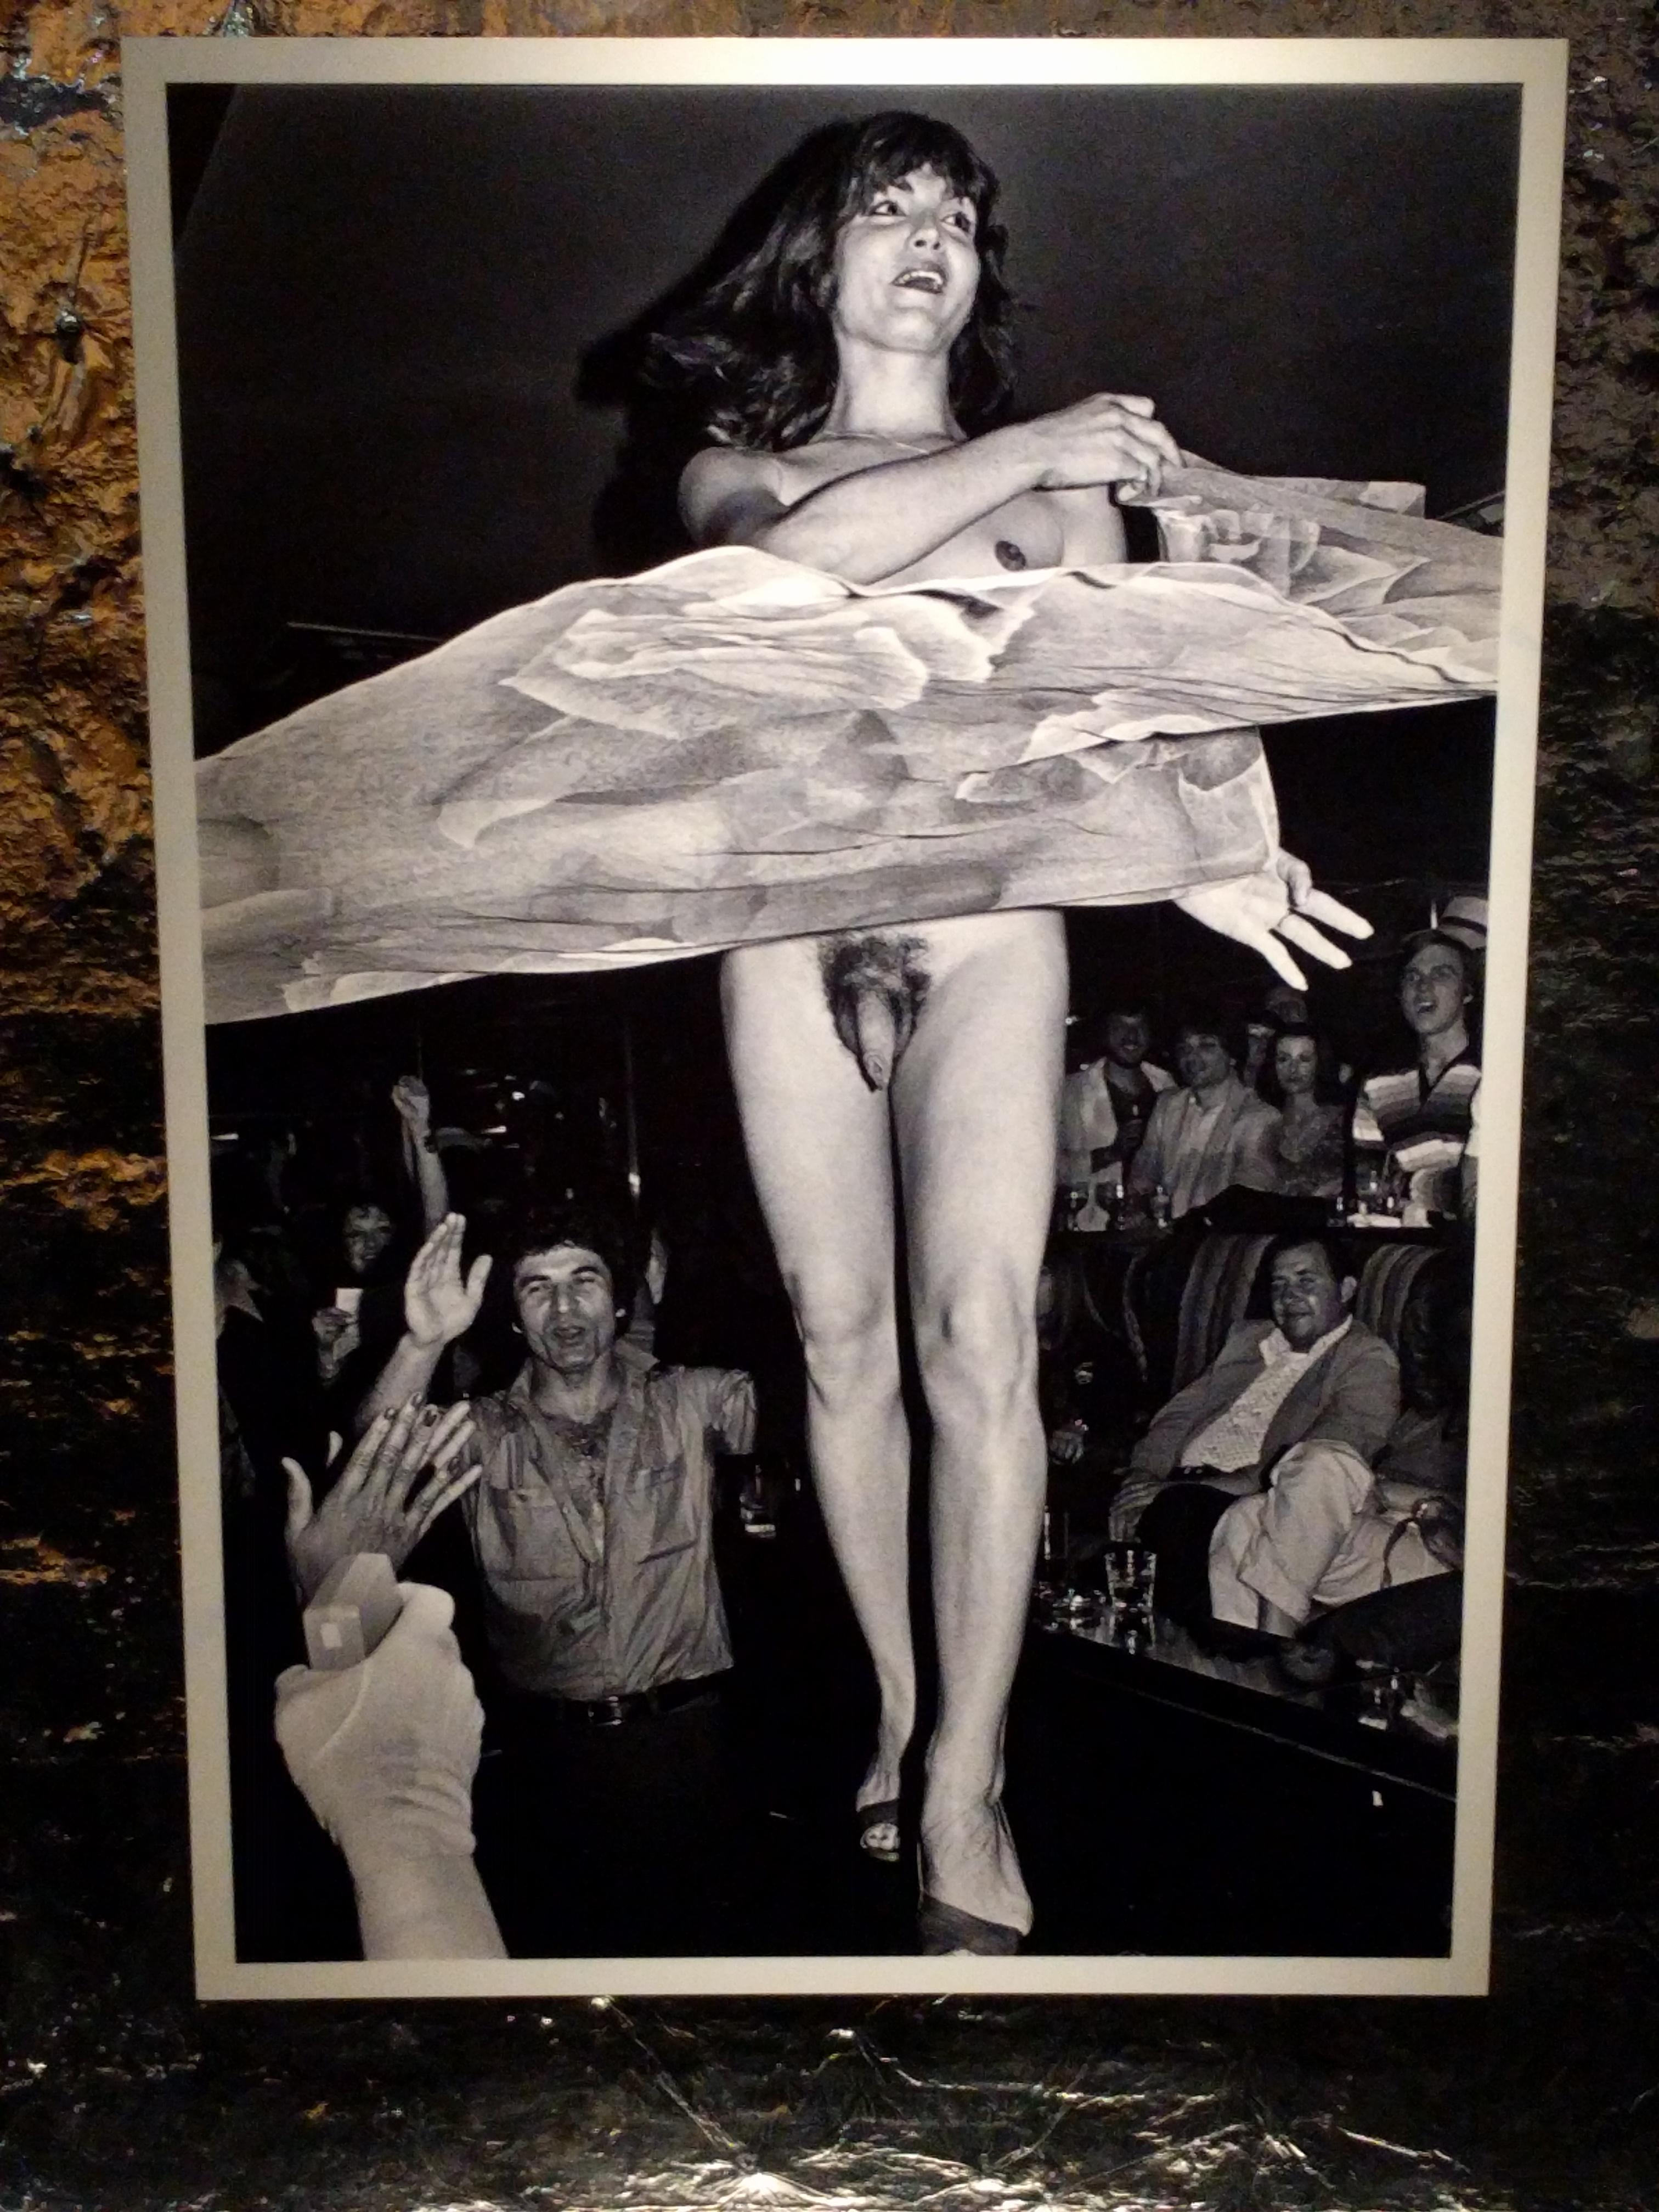 A múzeum egyik kiállítása az  1970-es években megnyílt legmenőbb new york-i éjszakai klubokat mutatta be, ahol igen szabadosan kezelték a szexhez való viszonyt.